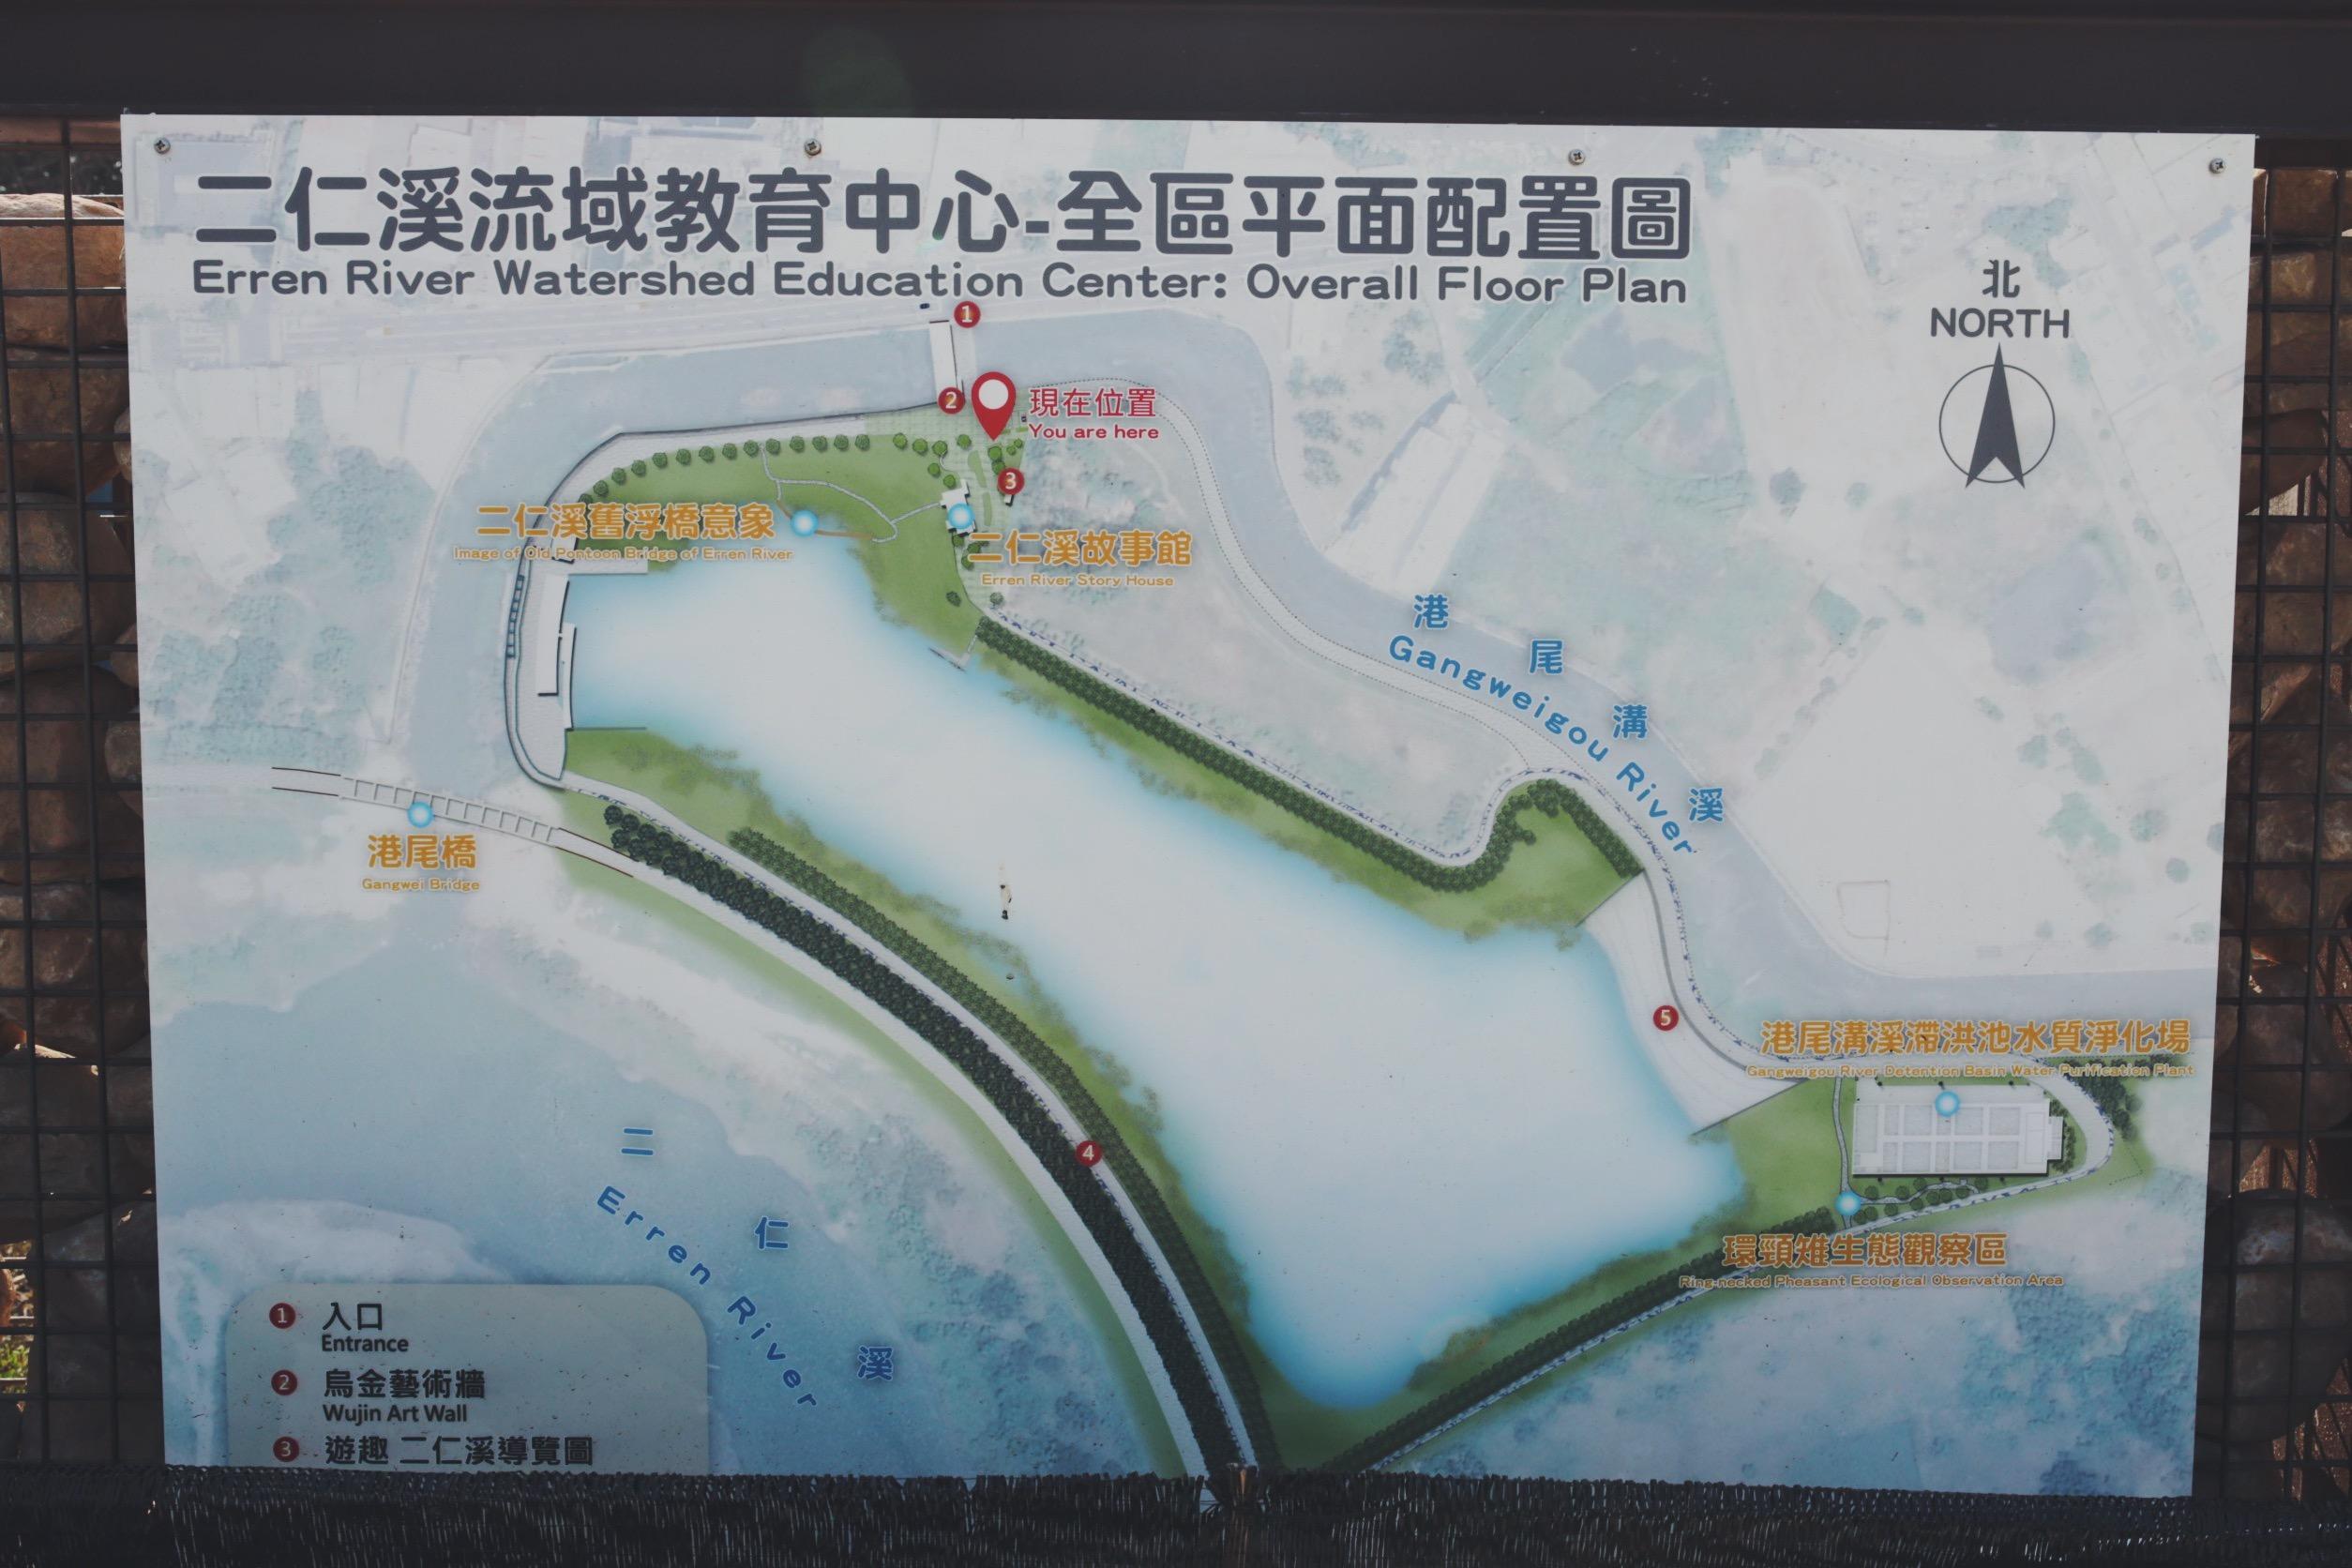 二仁溪流域教育中心平面圖